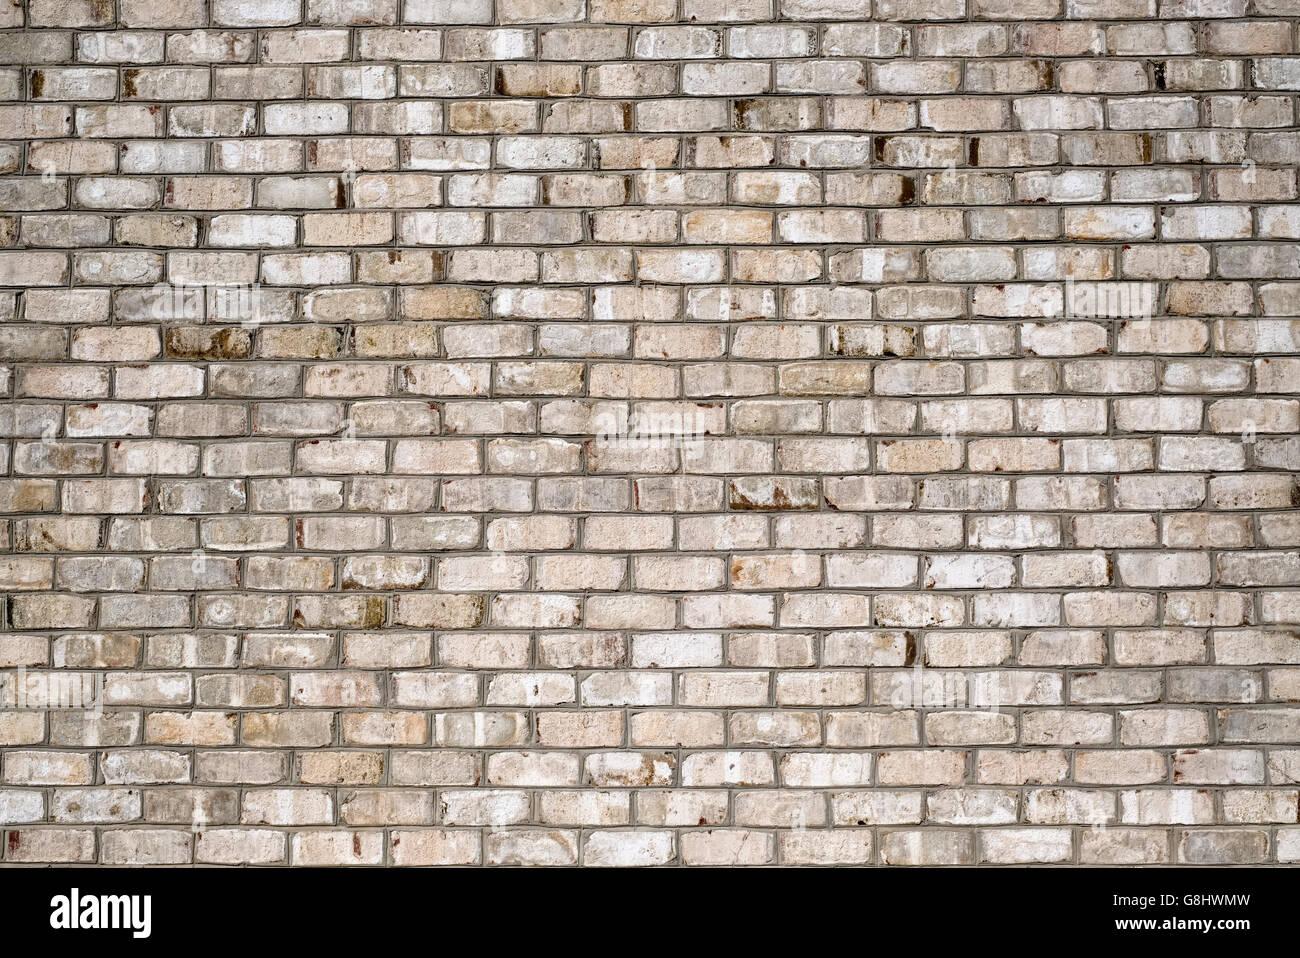 Mattoni bianchi, muro di mattoni in superficie texture Immagini Stock